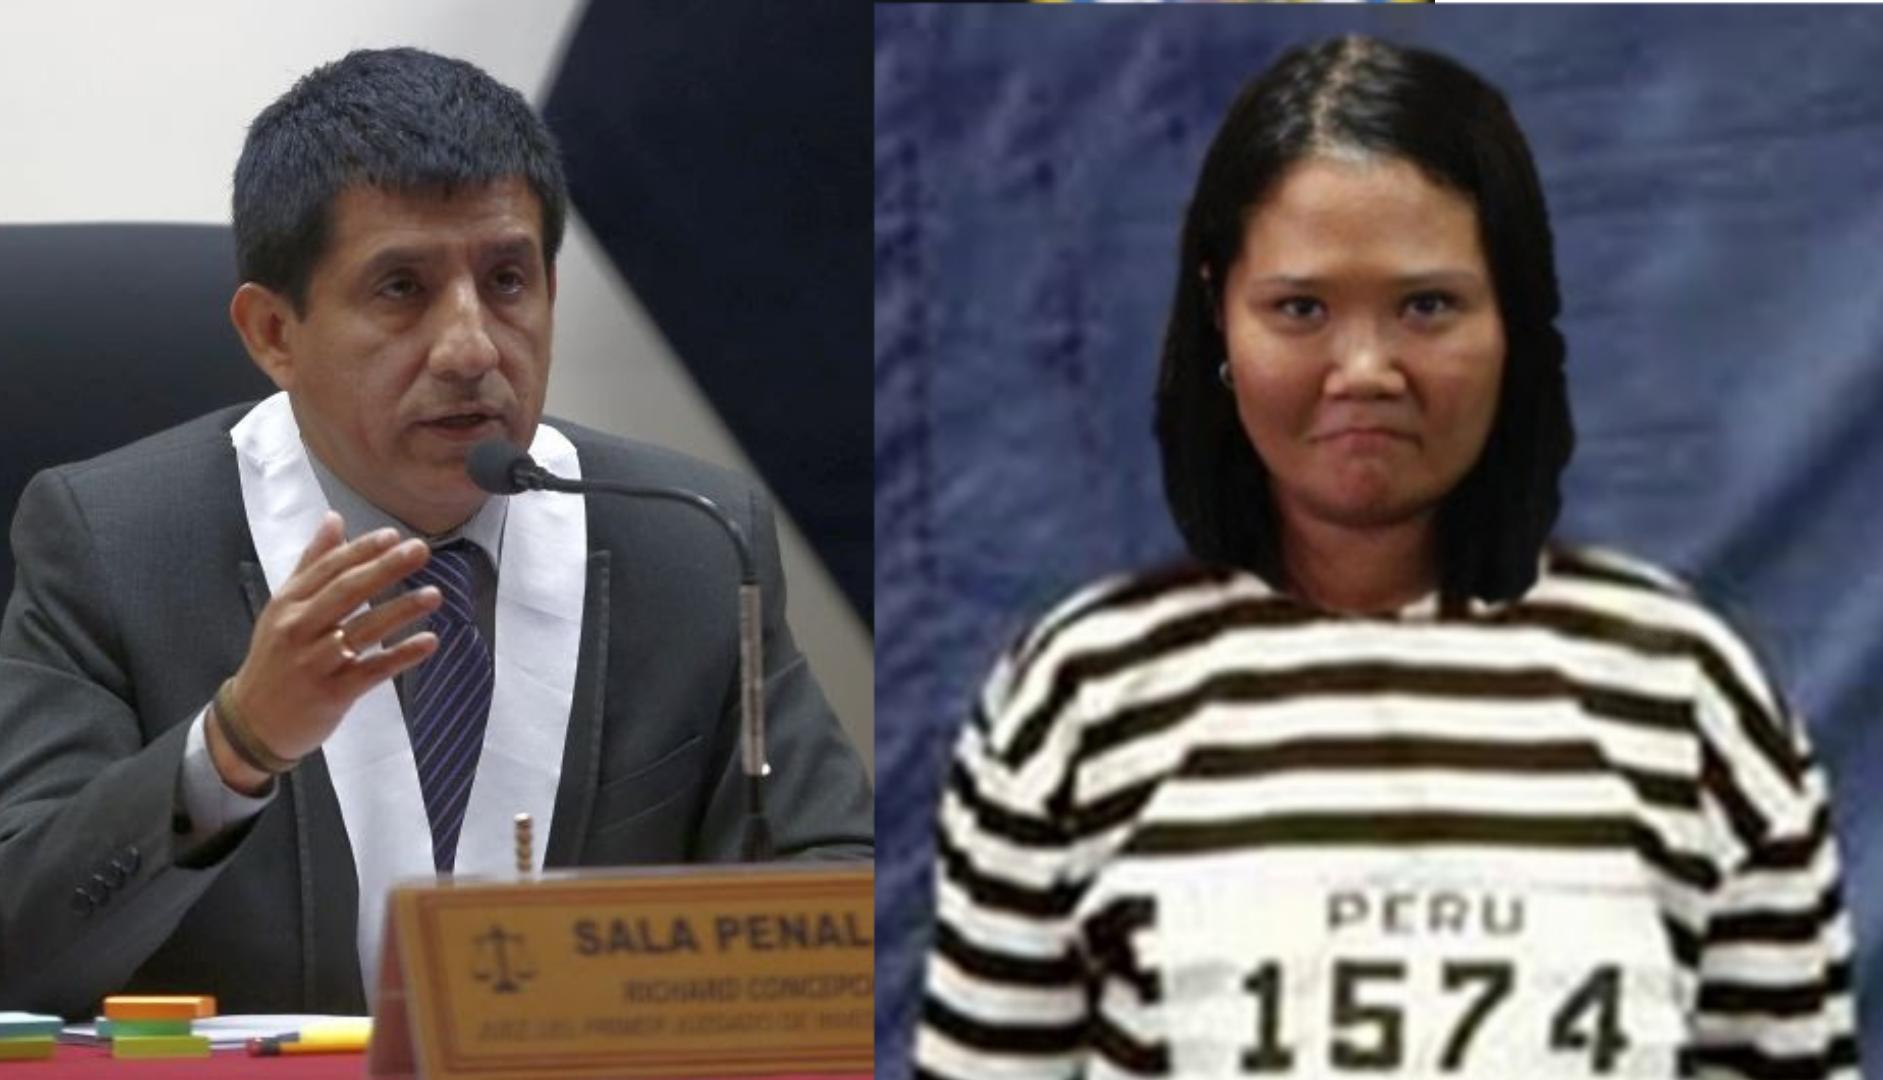 Perú: Keiko Fujimori detenida por dictamen de Juez Carhuancho